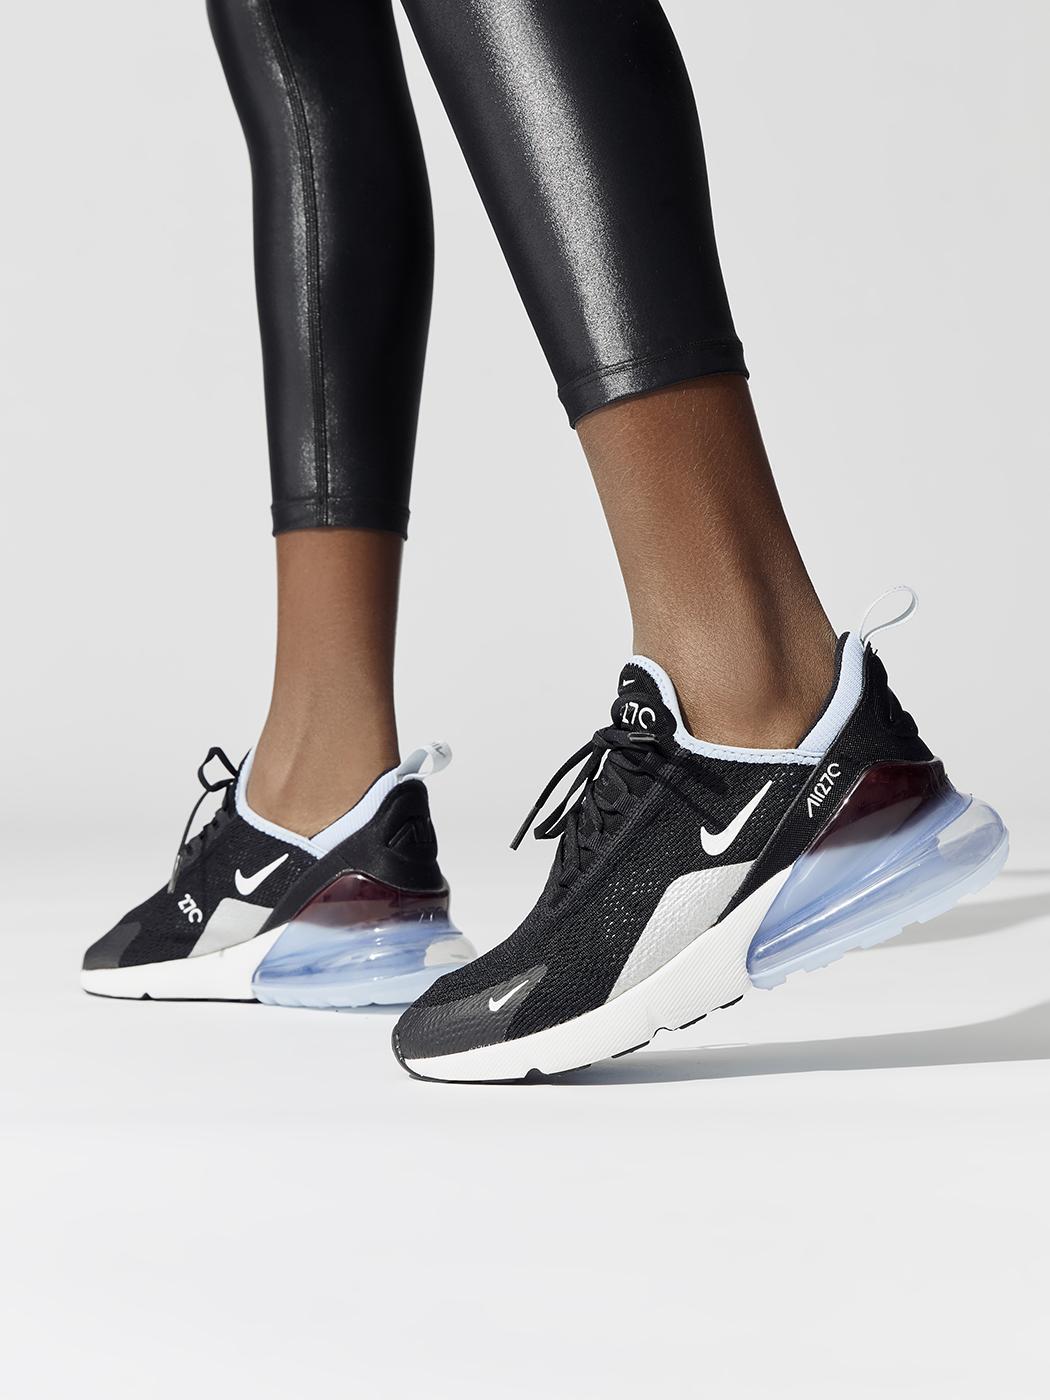 520a9feb44a88 Nike Women s Nike Air Max 270 - Black Alumninum-summit white - Fashion  Activewear